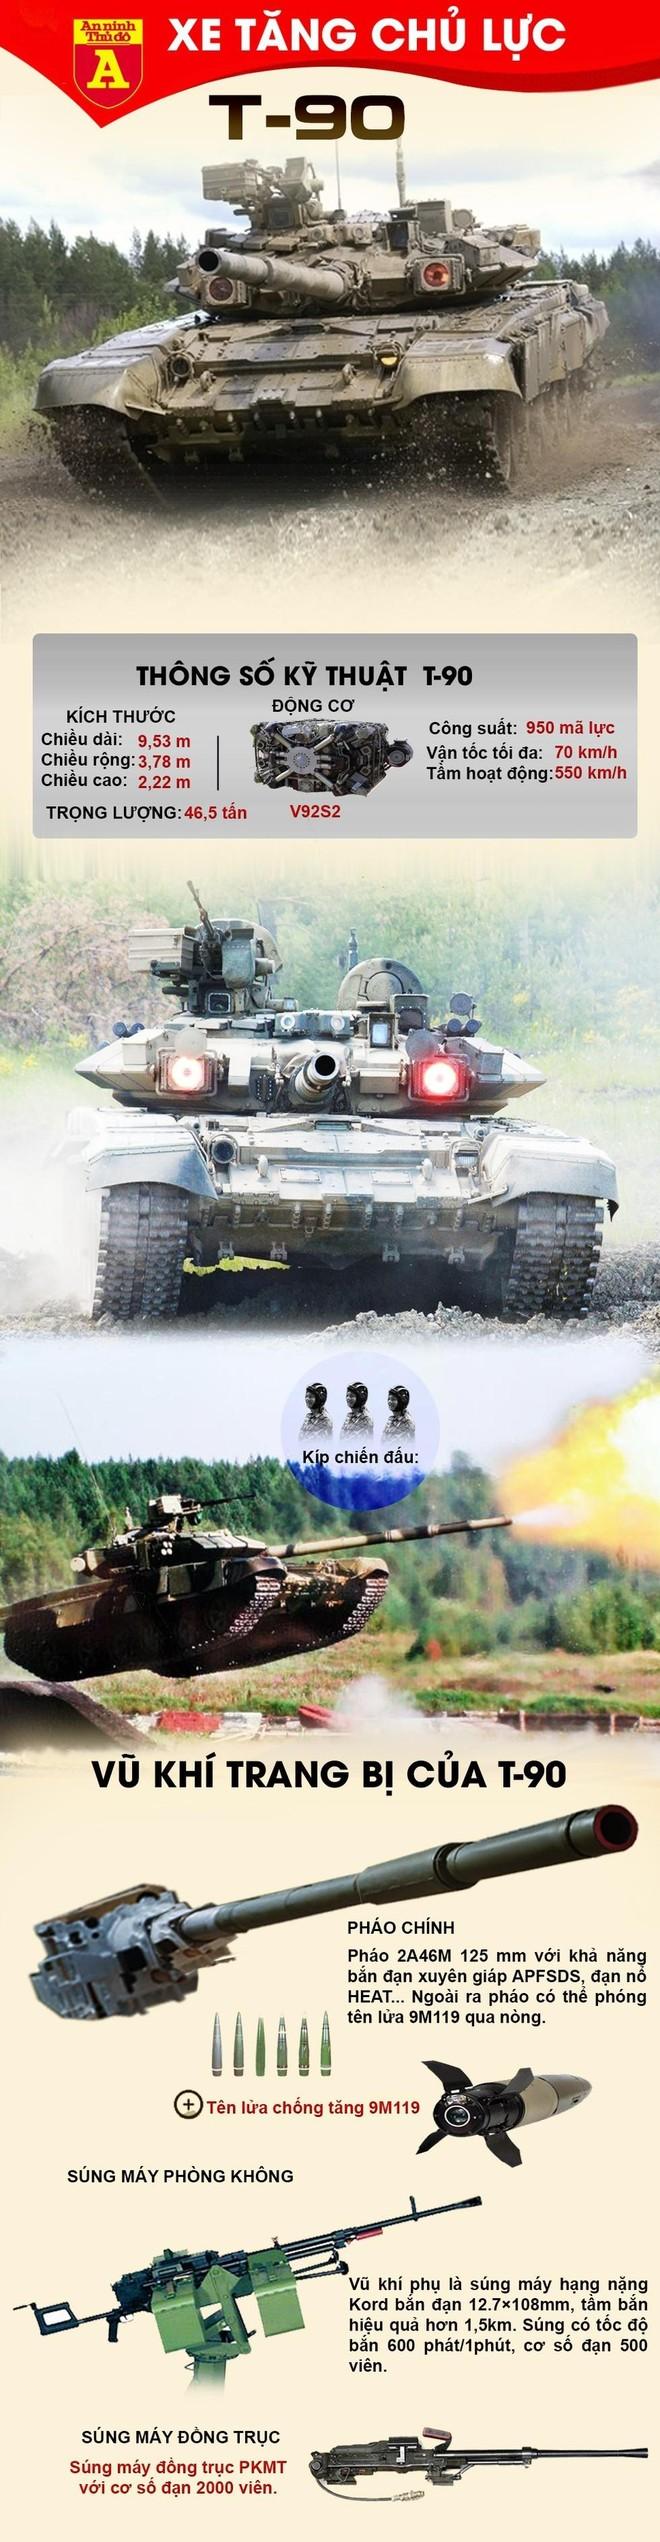 [Info] Sự thật xe tăng T-90 mới của Nga bị 'bỏ rơi' tại bãi rác ảnh 3